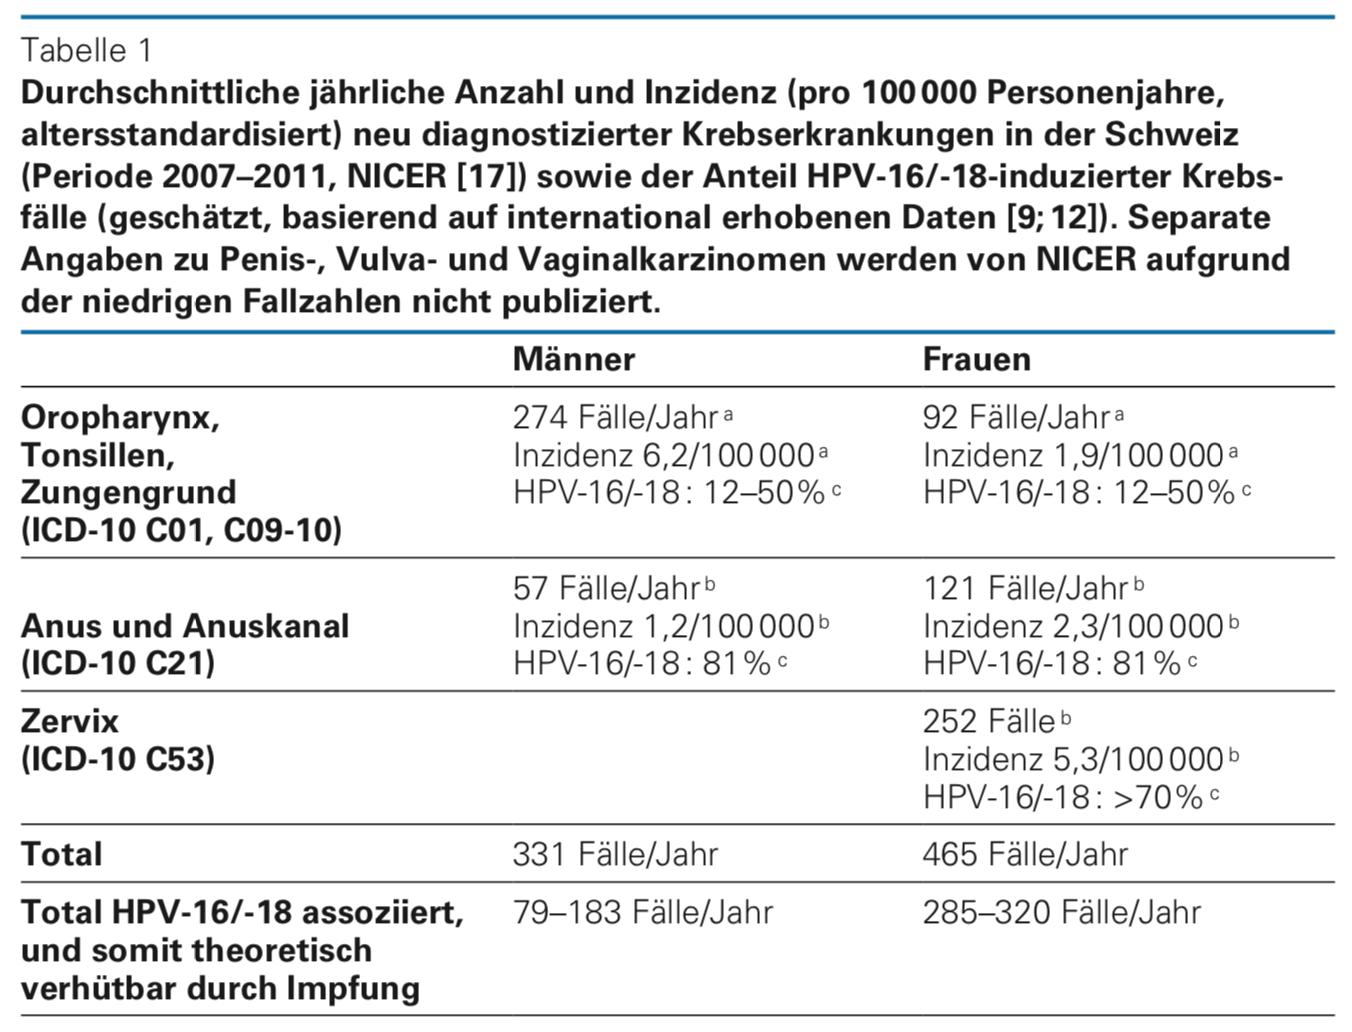 Gardasil Erfahrungen, Bewertungen und Nebenwirkungen - sanego Hpv impfung jungen einmalig